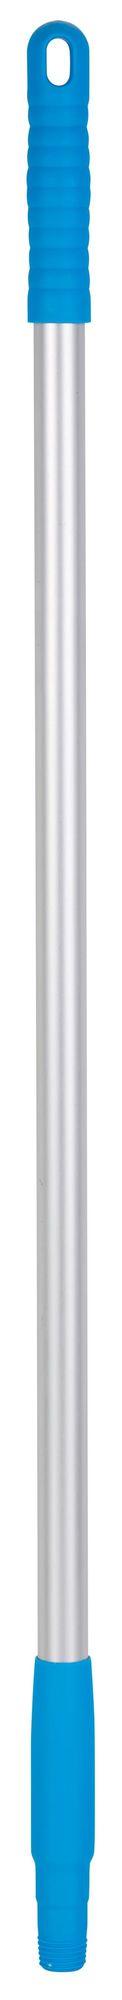 Vikan hygiëne steel 84cm blauw -   29313